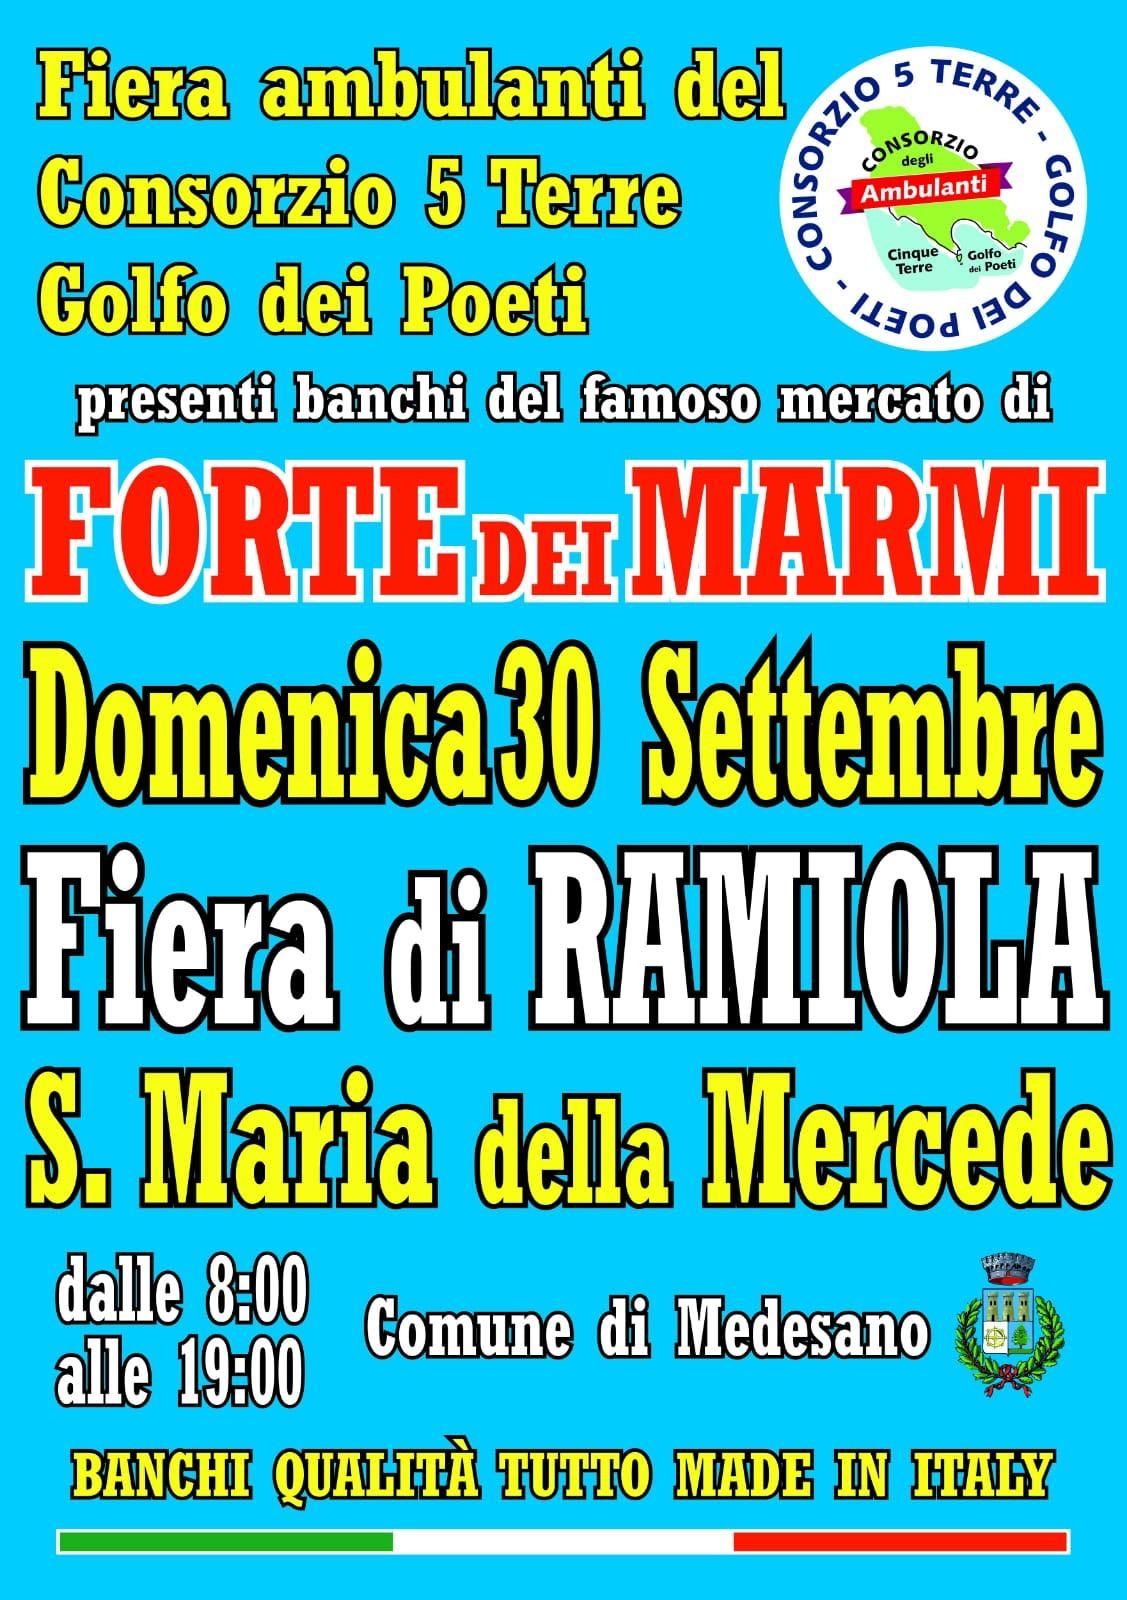 Alla fiera di Ramiola il mercato del Forte